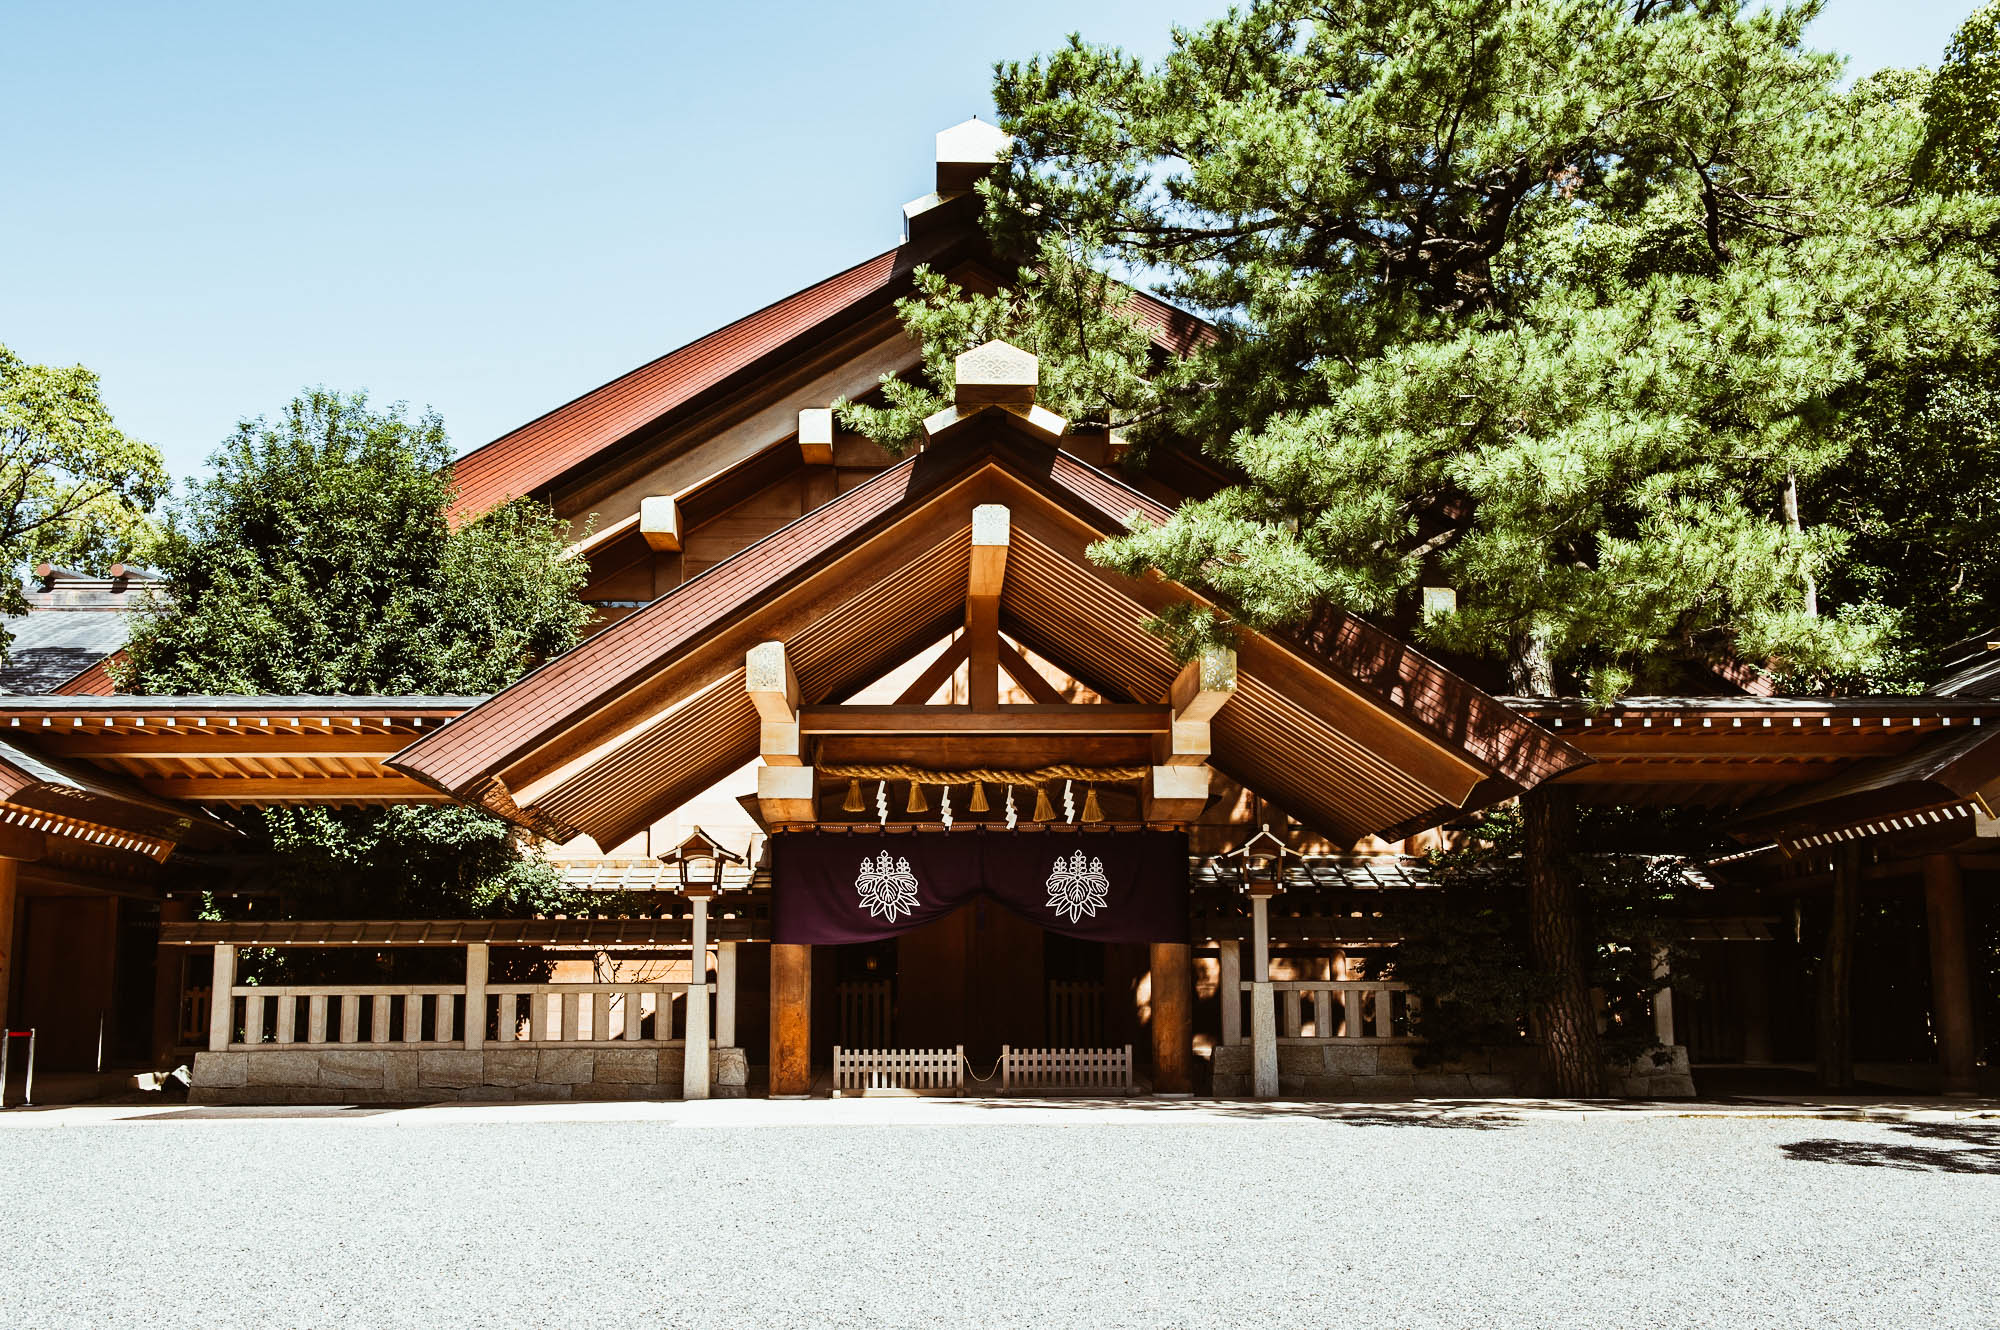 Atsuta Matsuri